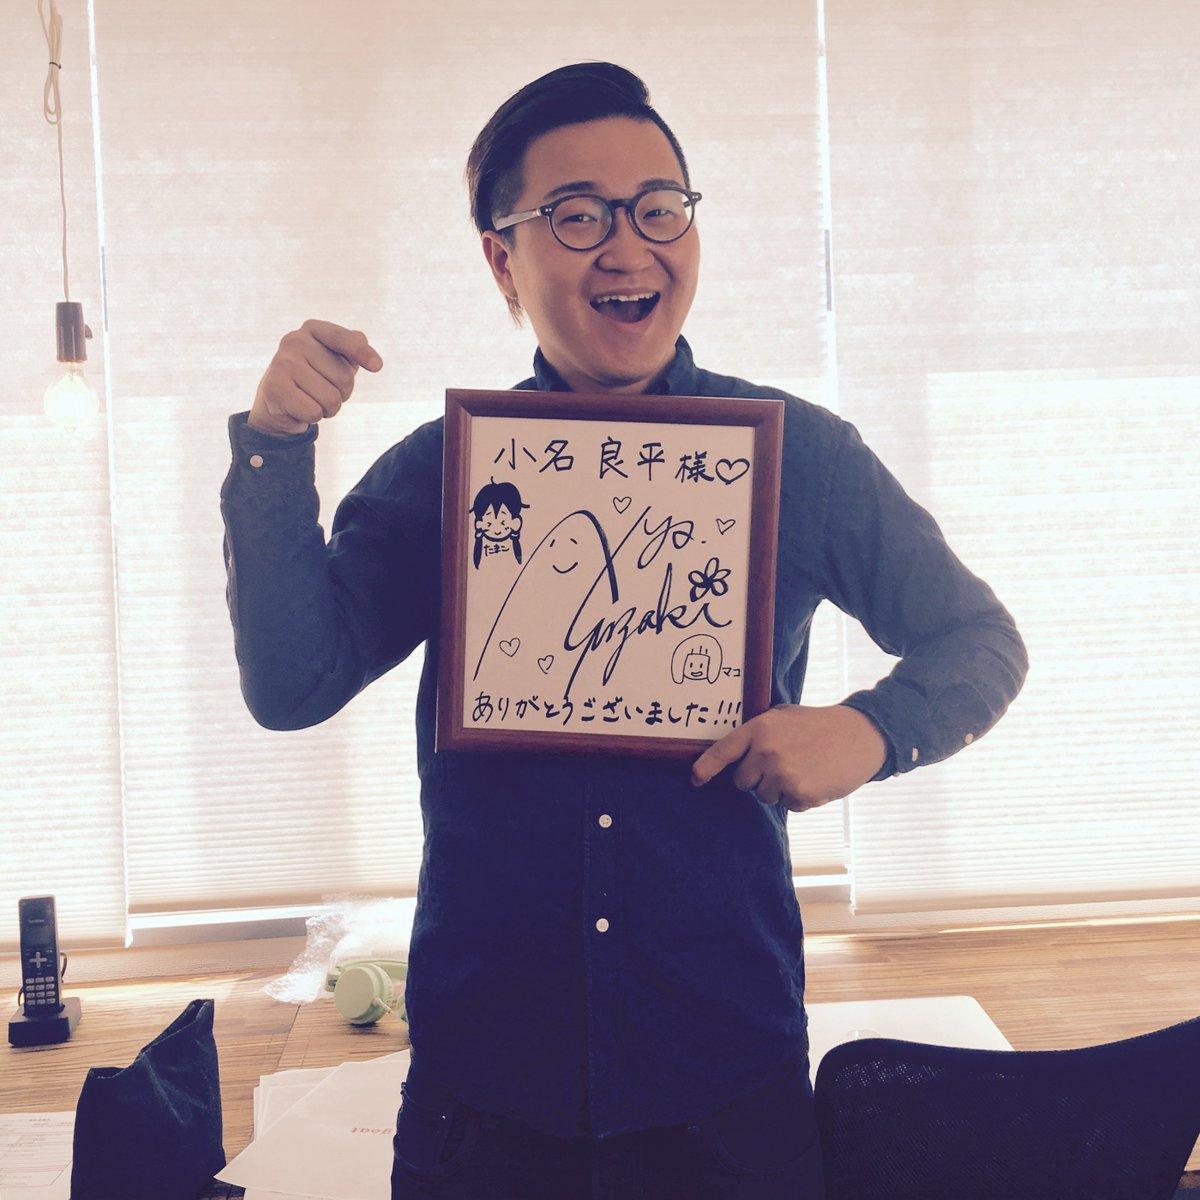 「たまこまーけっと」のたまこ役、キルラキルの「満艦飾マコ」でご存知。声優の洲崎綾さんに僕が監督した映像に声をお願いしました!嬉し過ぎて収録でサイン頂きました^q^デヘ 是非DLしてね!https://t.co/Hyy3Px6VSQ https://t.co/Kk3v4rGGyR